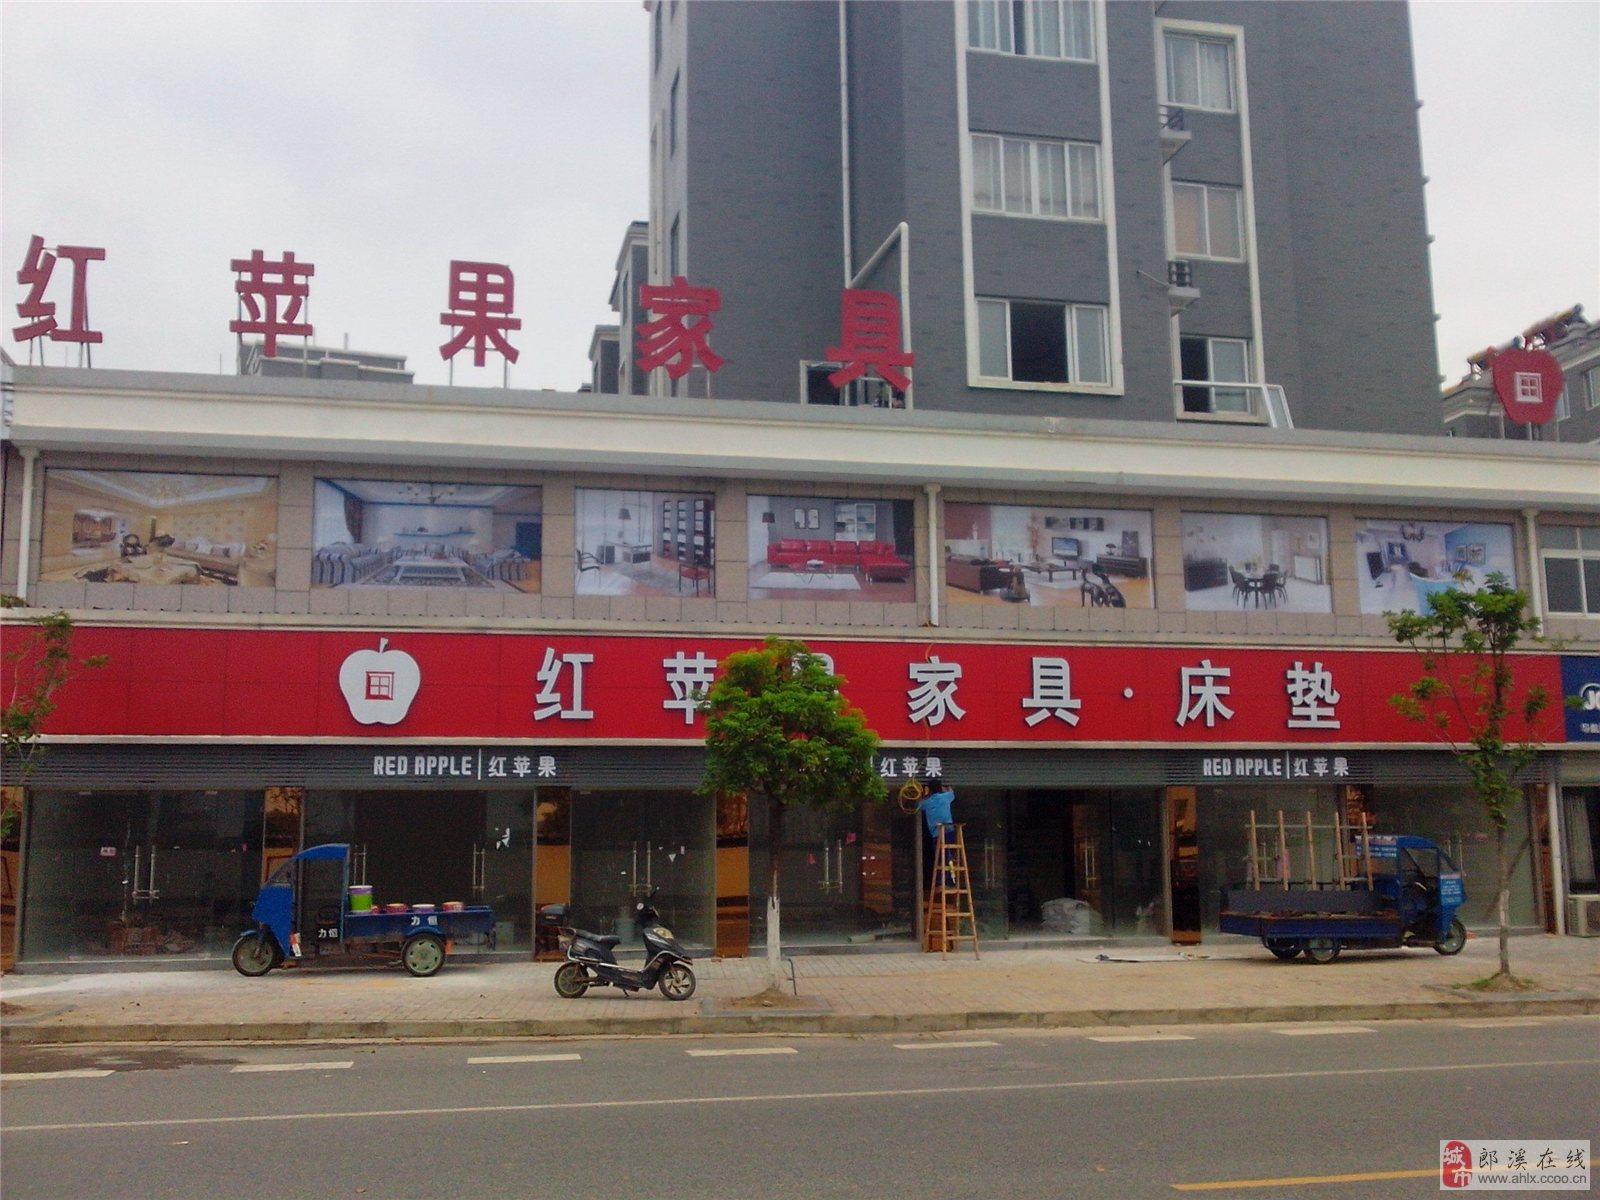 香港红苹果家具_香港红苹果家具 图片合集